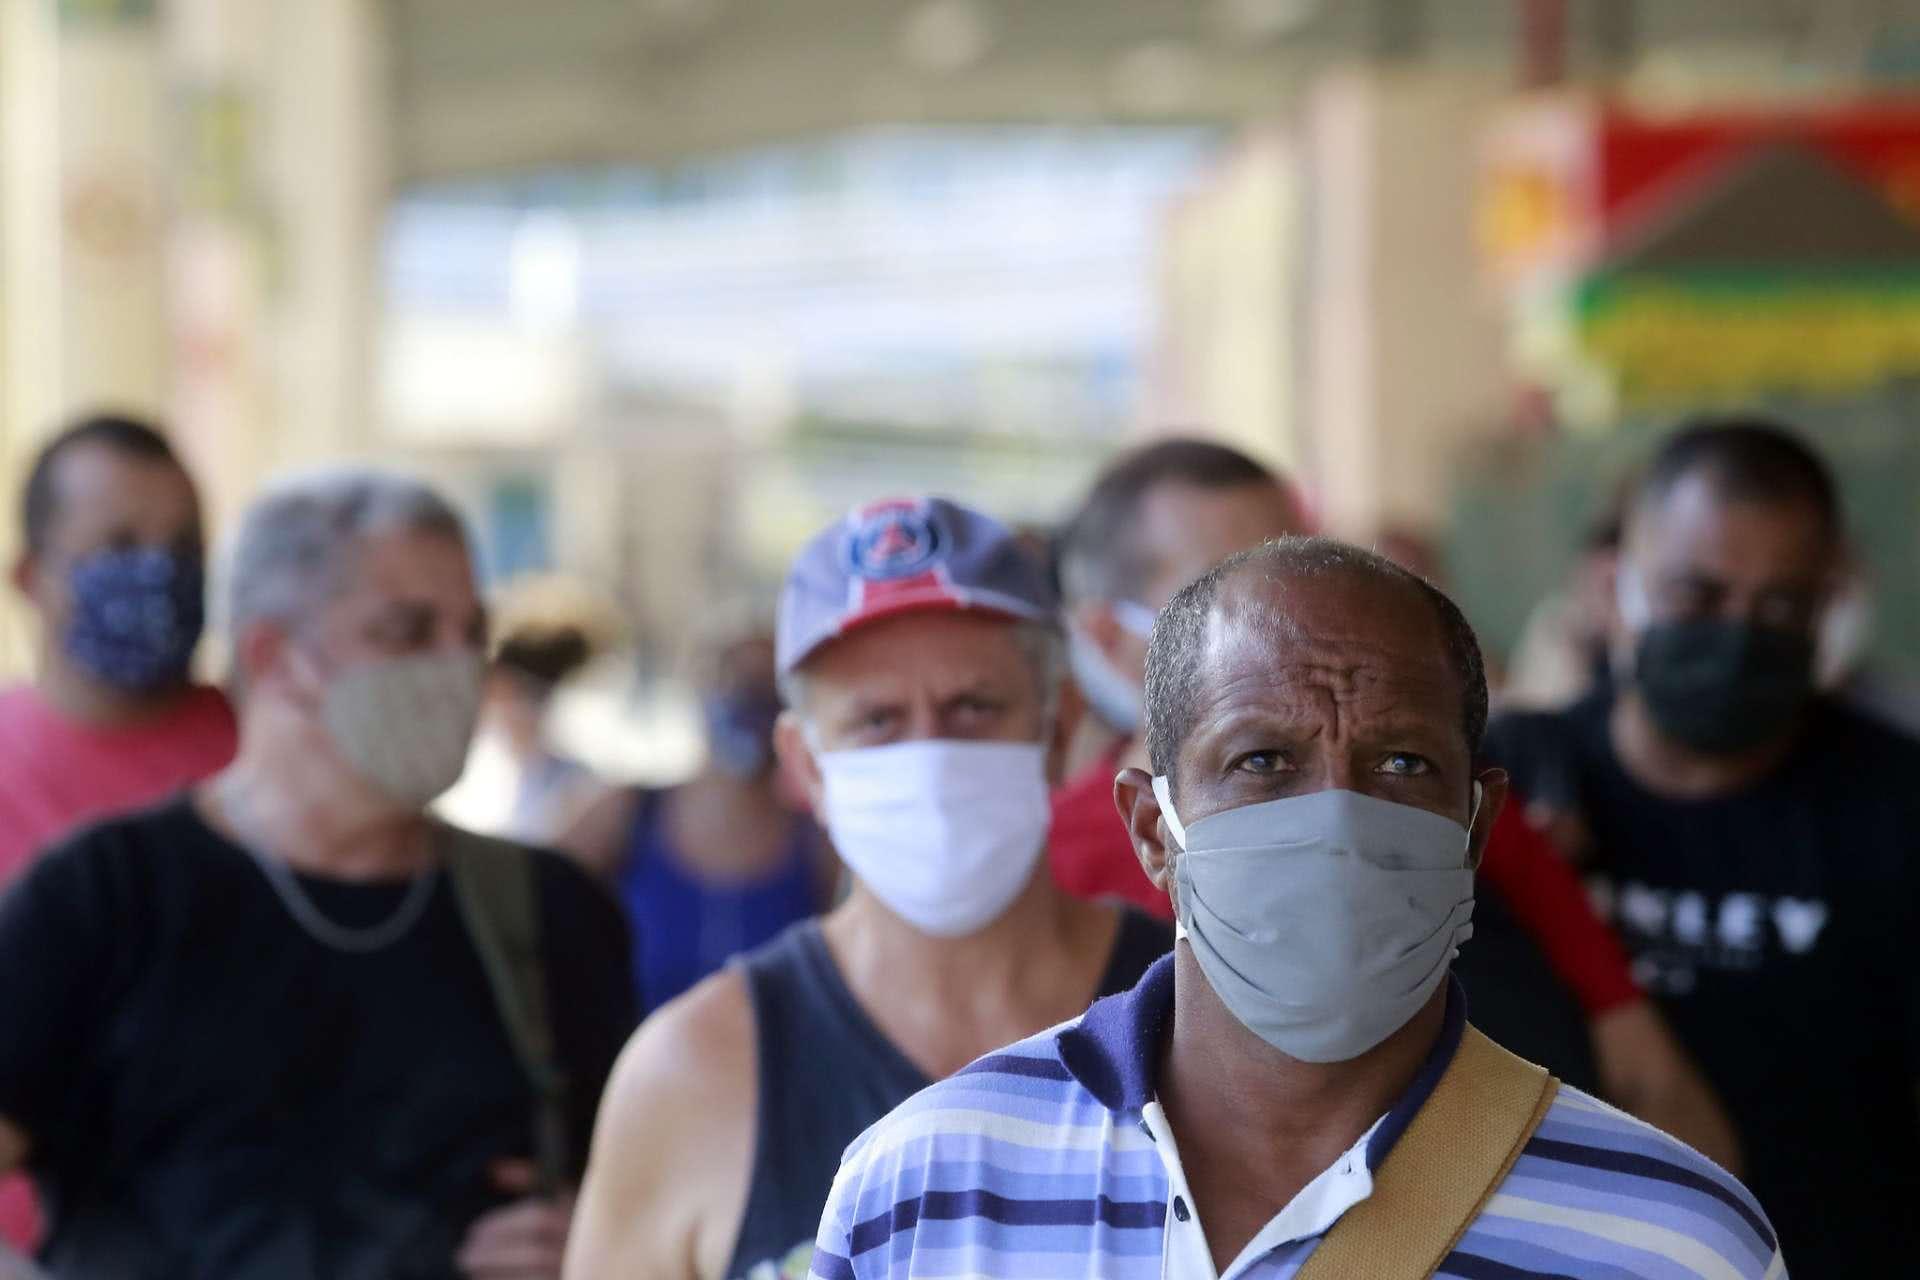 Como funcionará o comércio após alteração em decreto sobre a pandemia